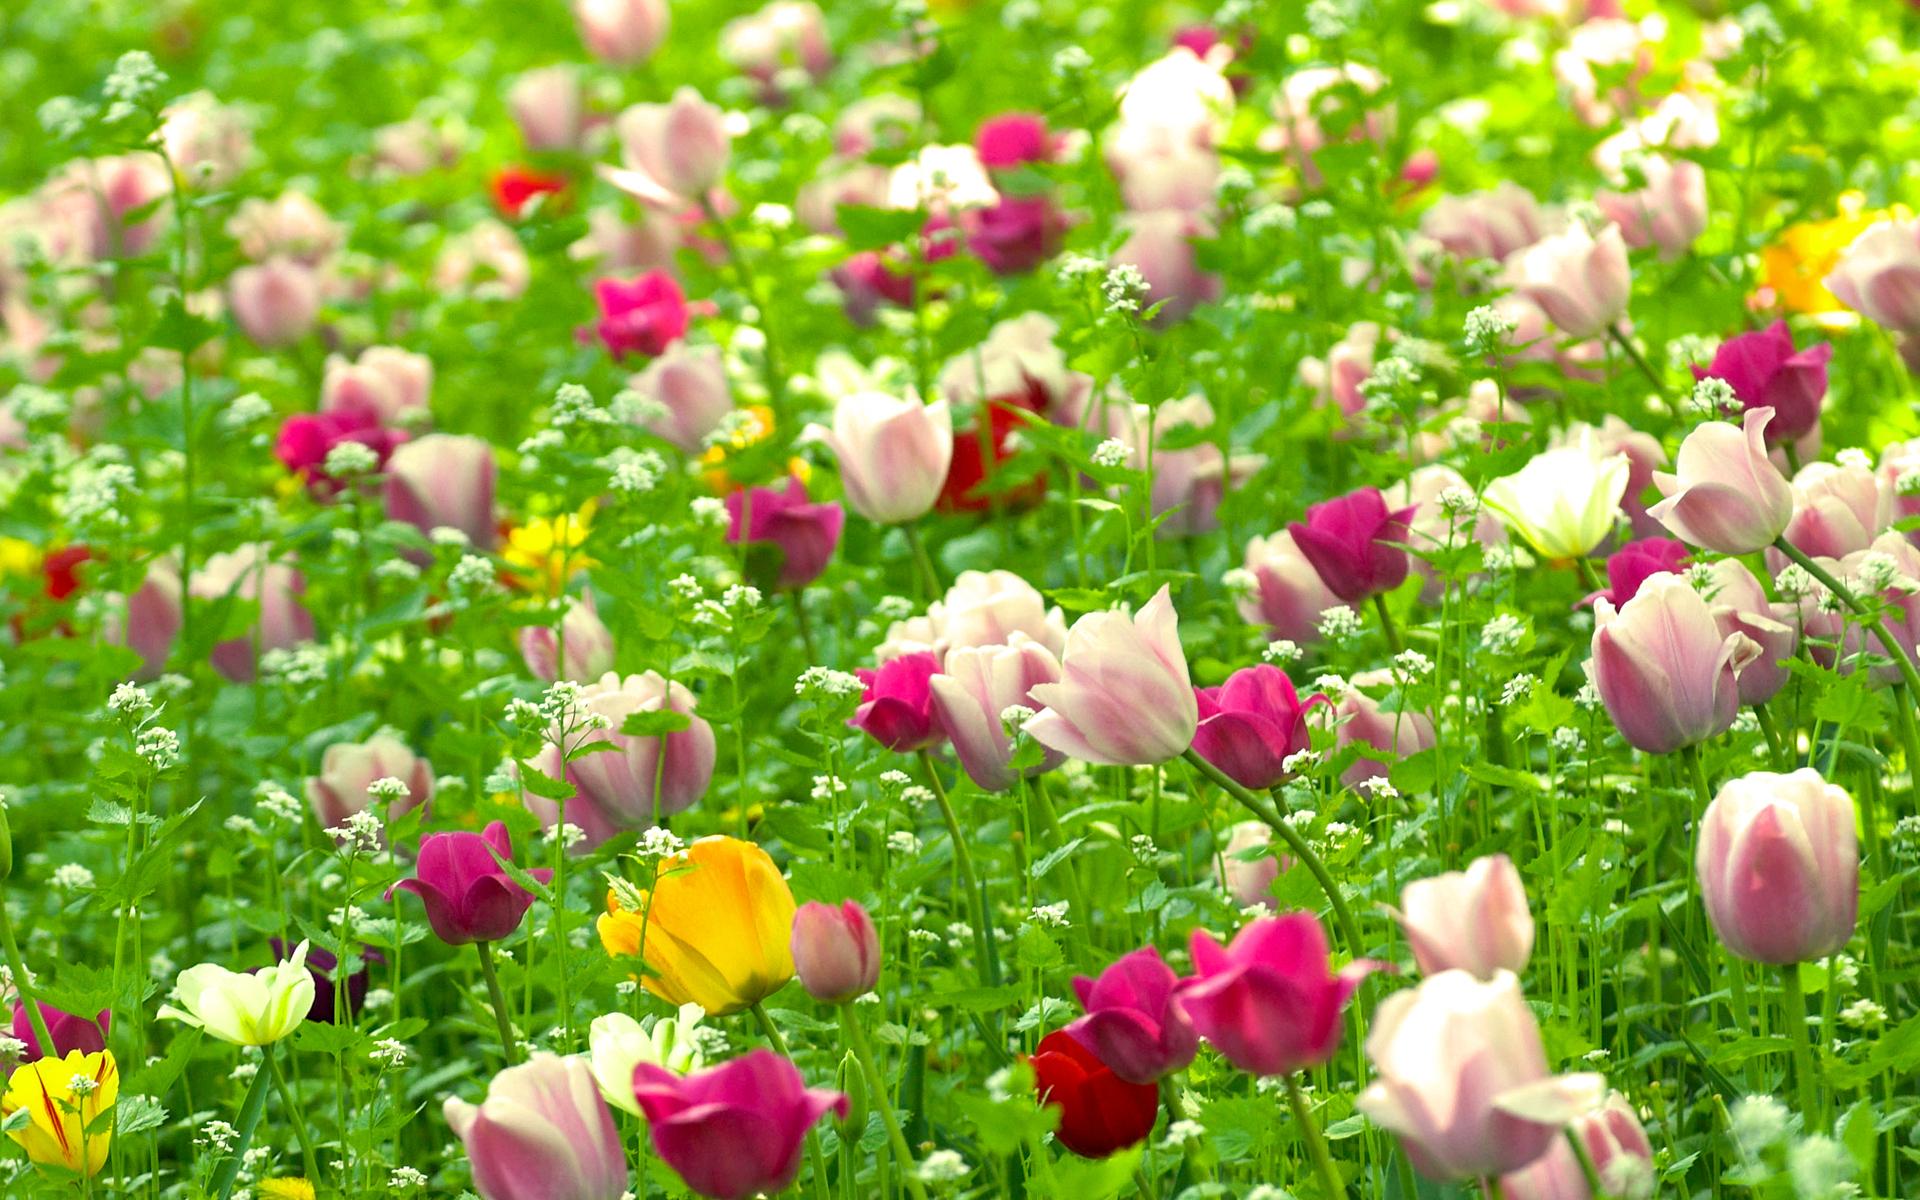 дальнобойщиков красивые цветы в природе широкоформатное фото чтобы каждое исполнившееся